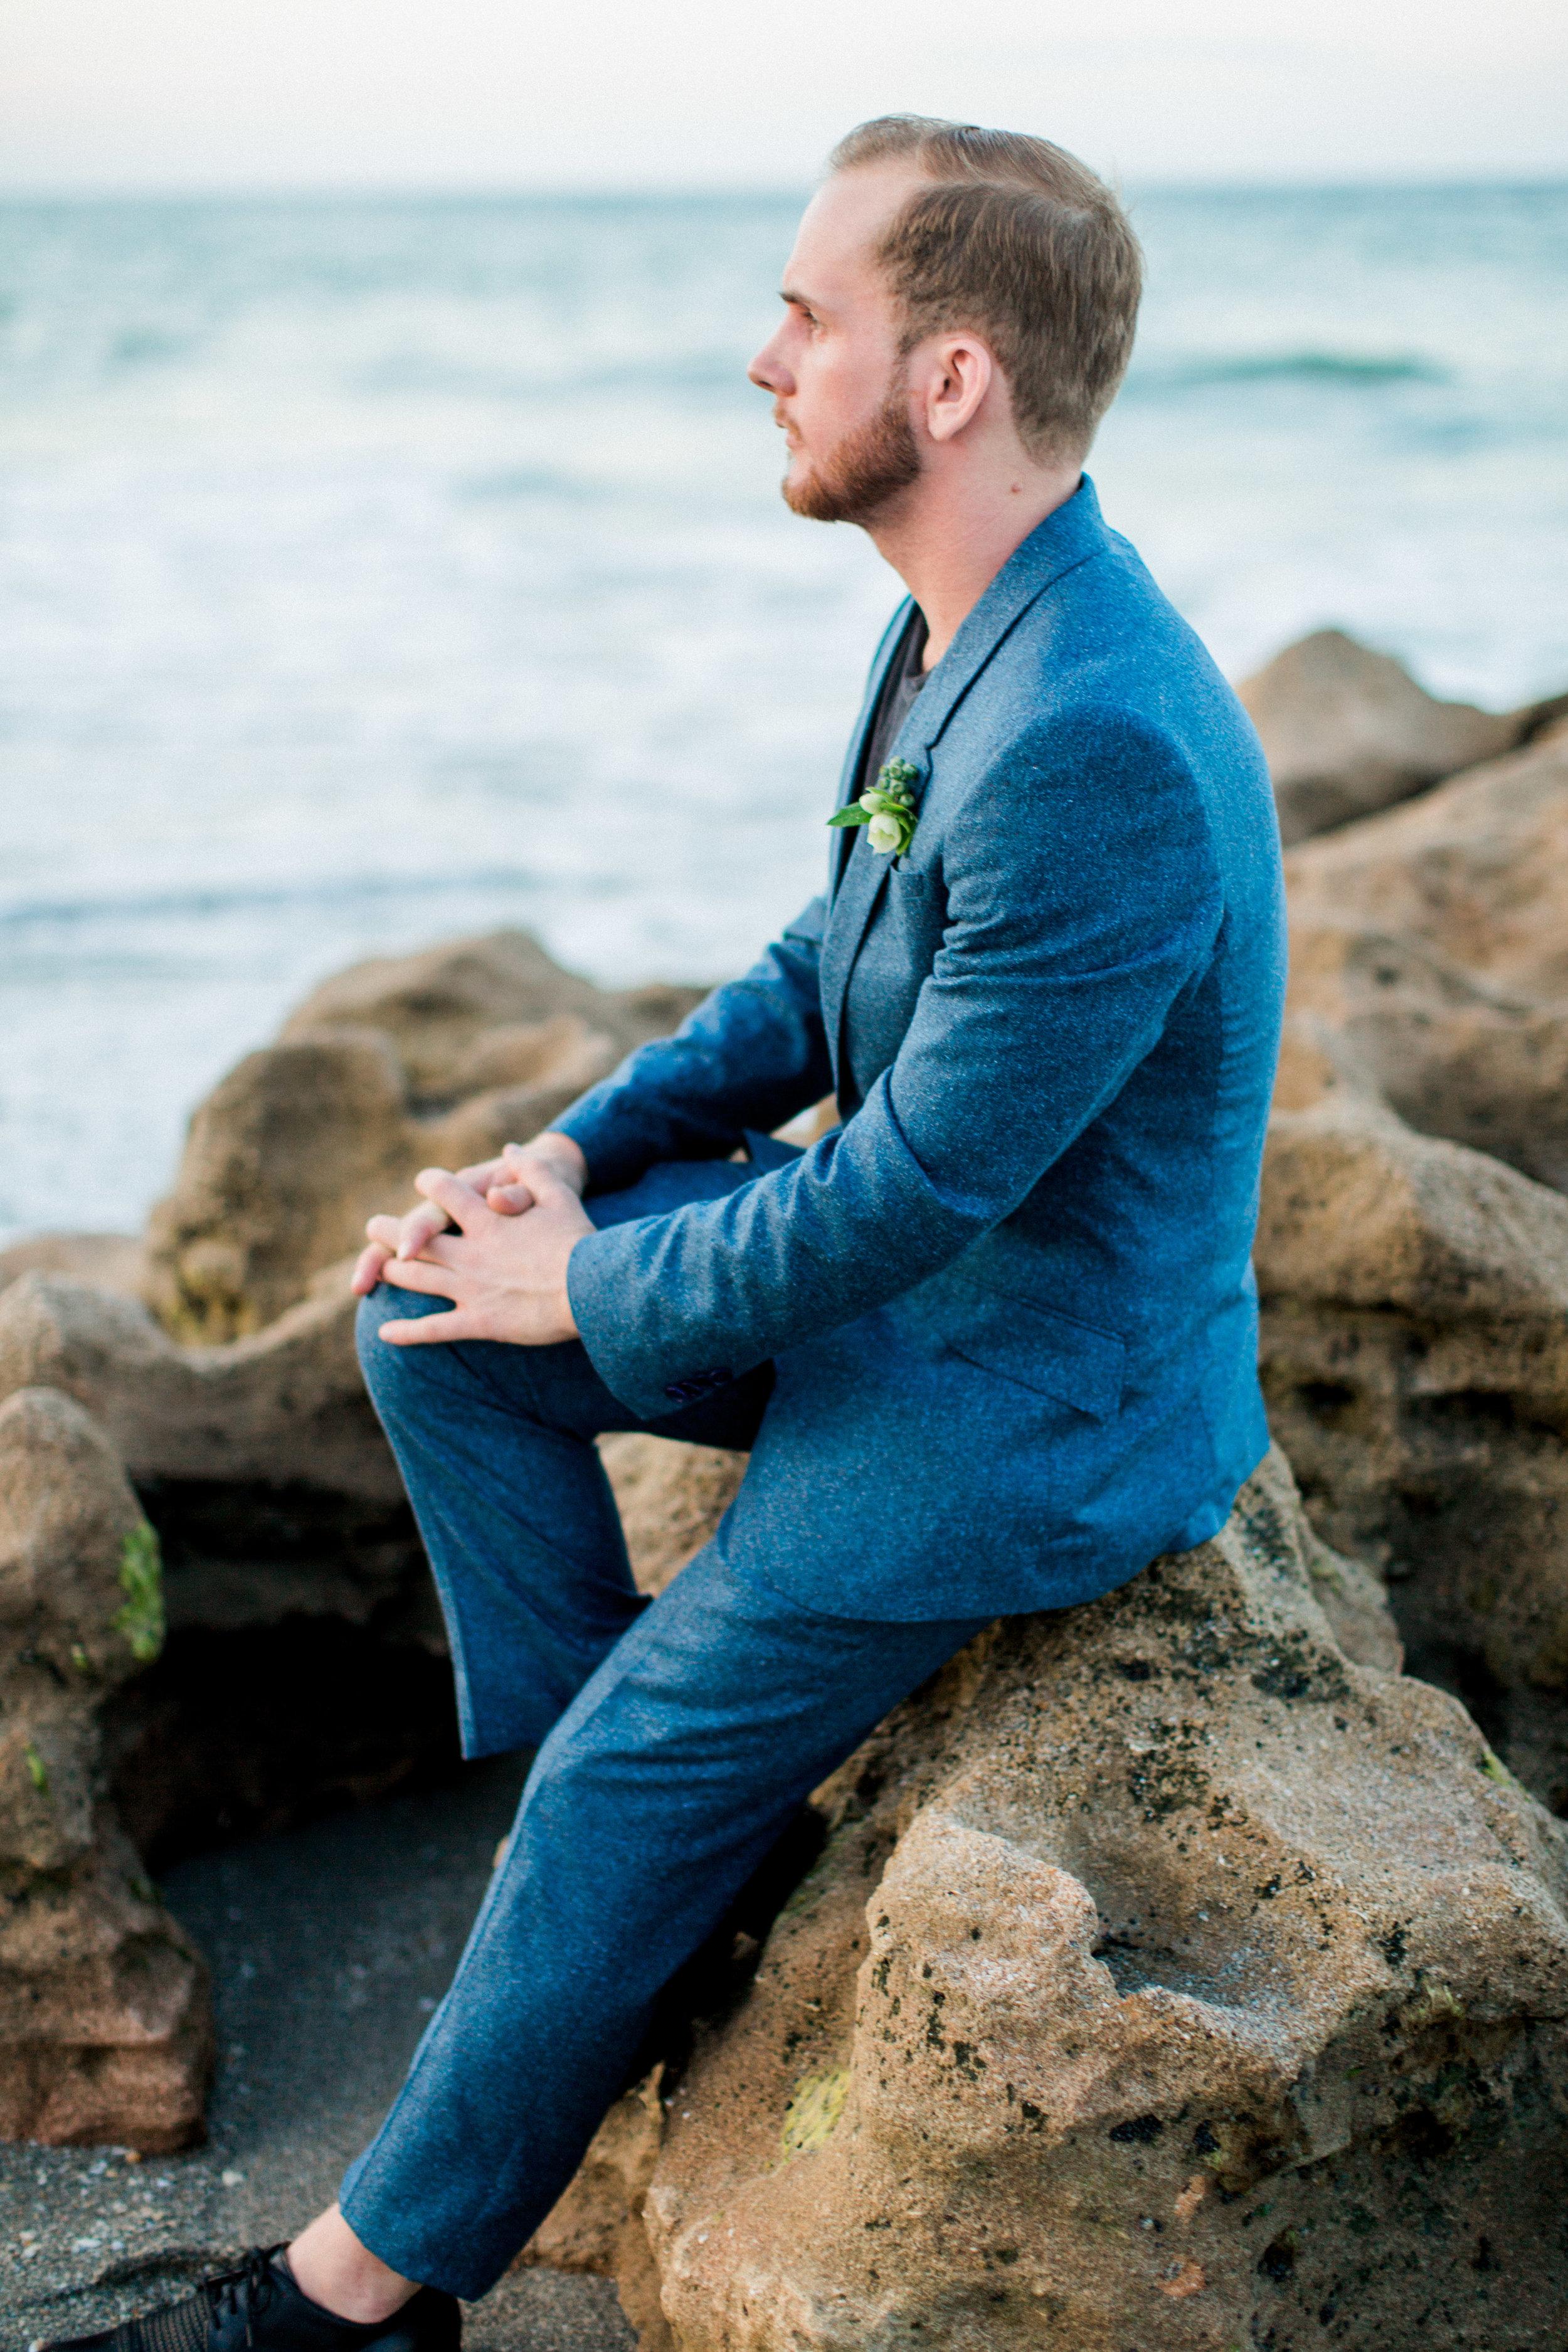 coral cove, jupiter beach FL, palm beach wedding photos, groom on beach